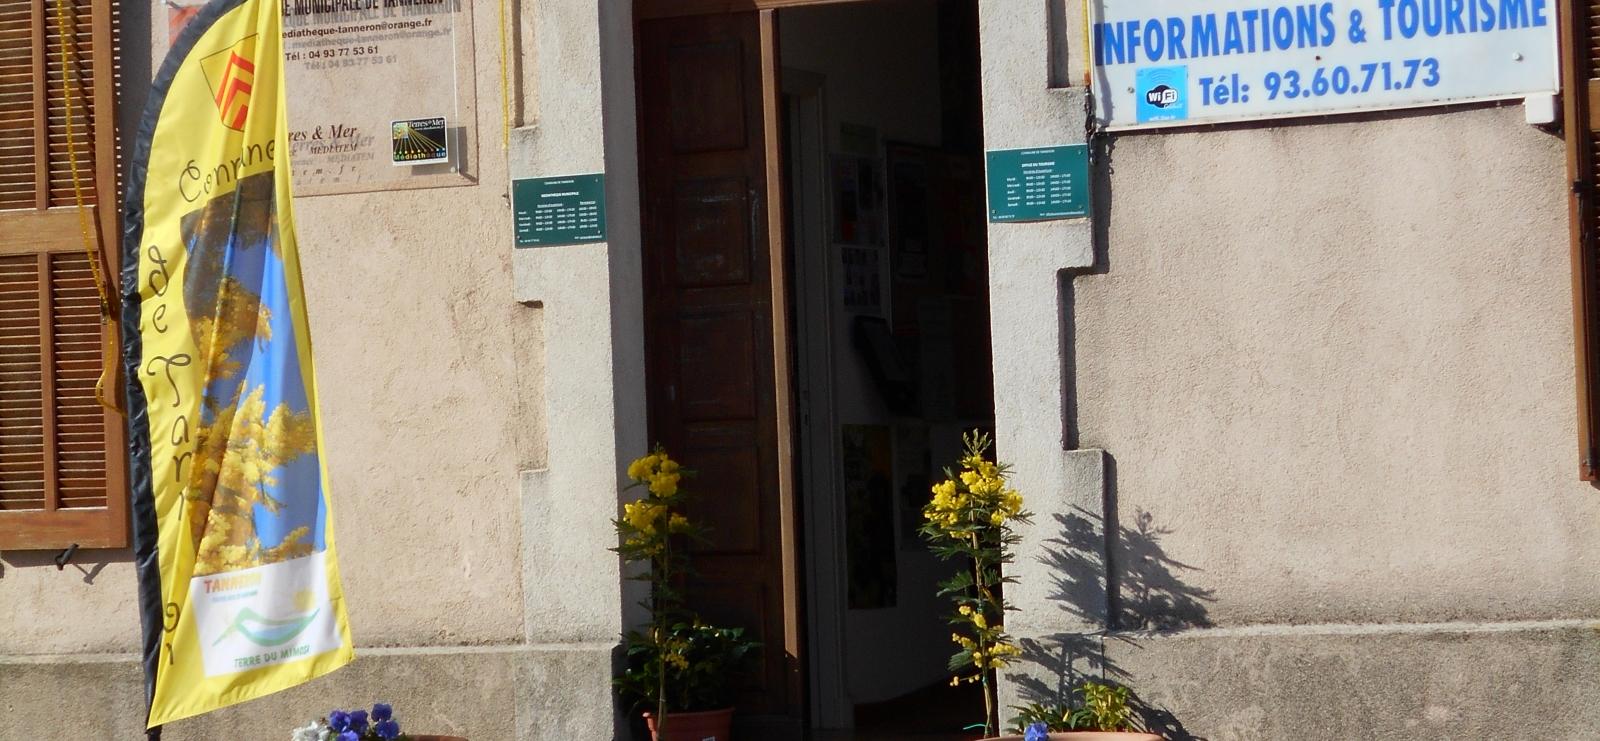 Bureau d'information touristique de Tanneron